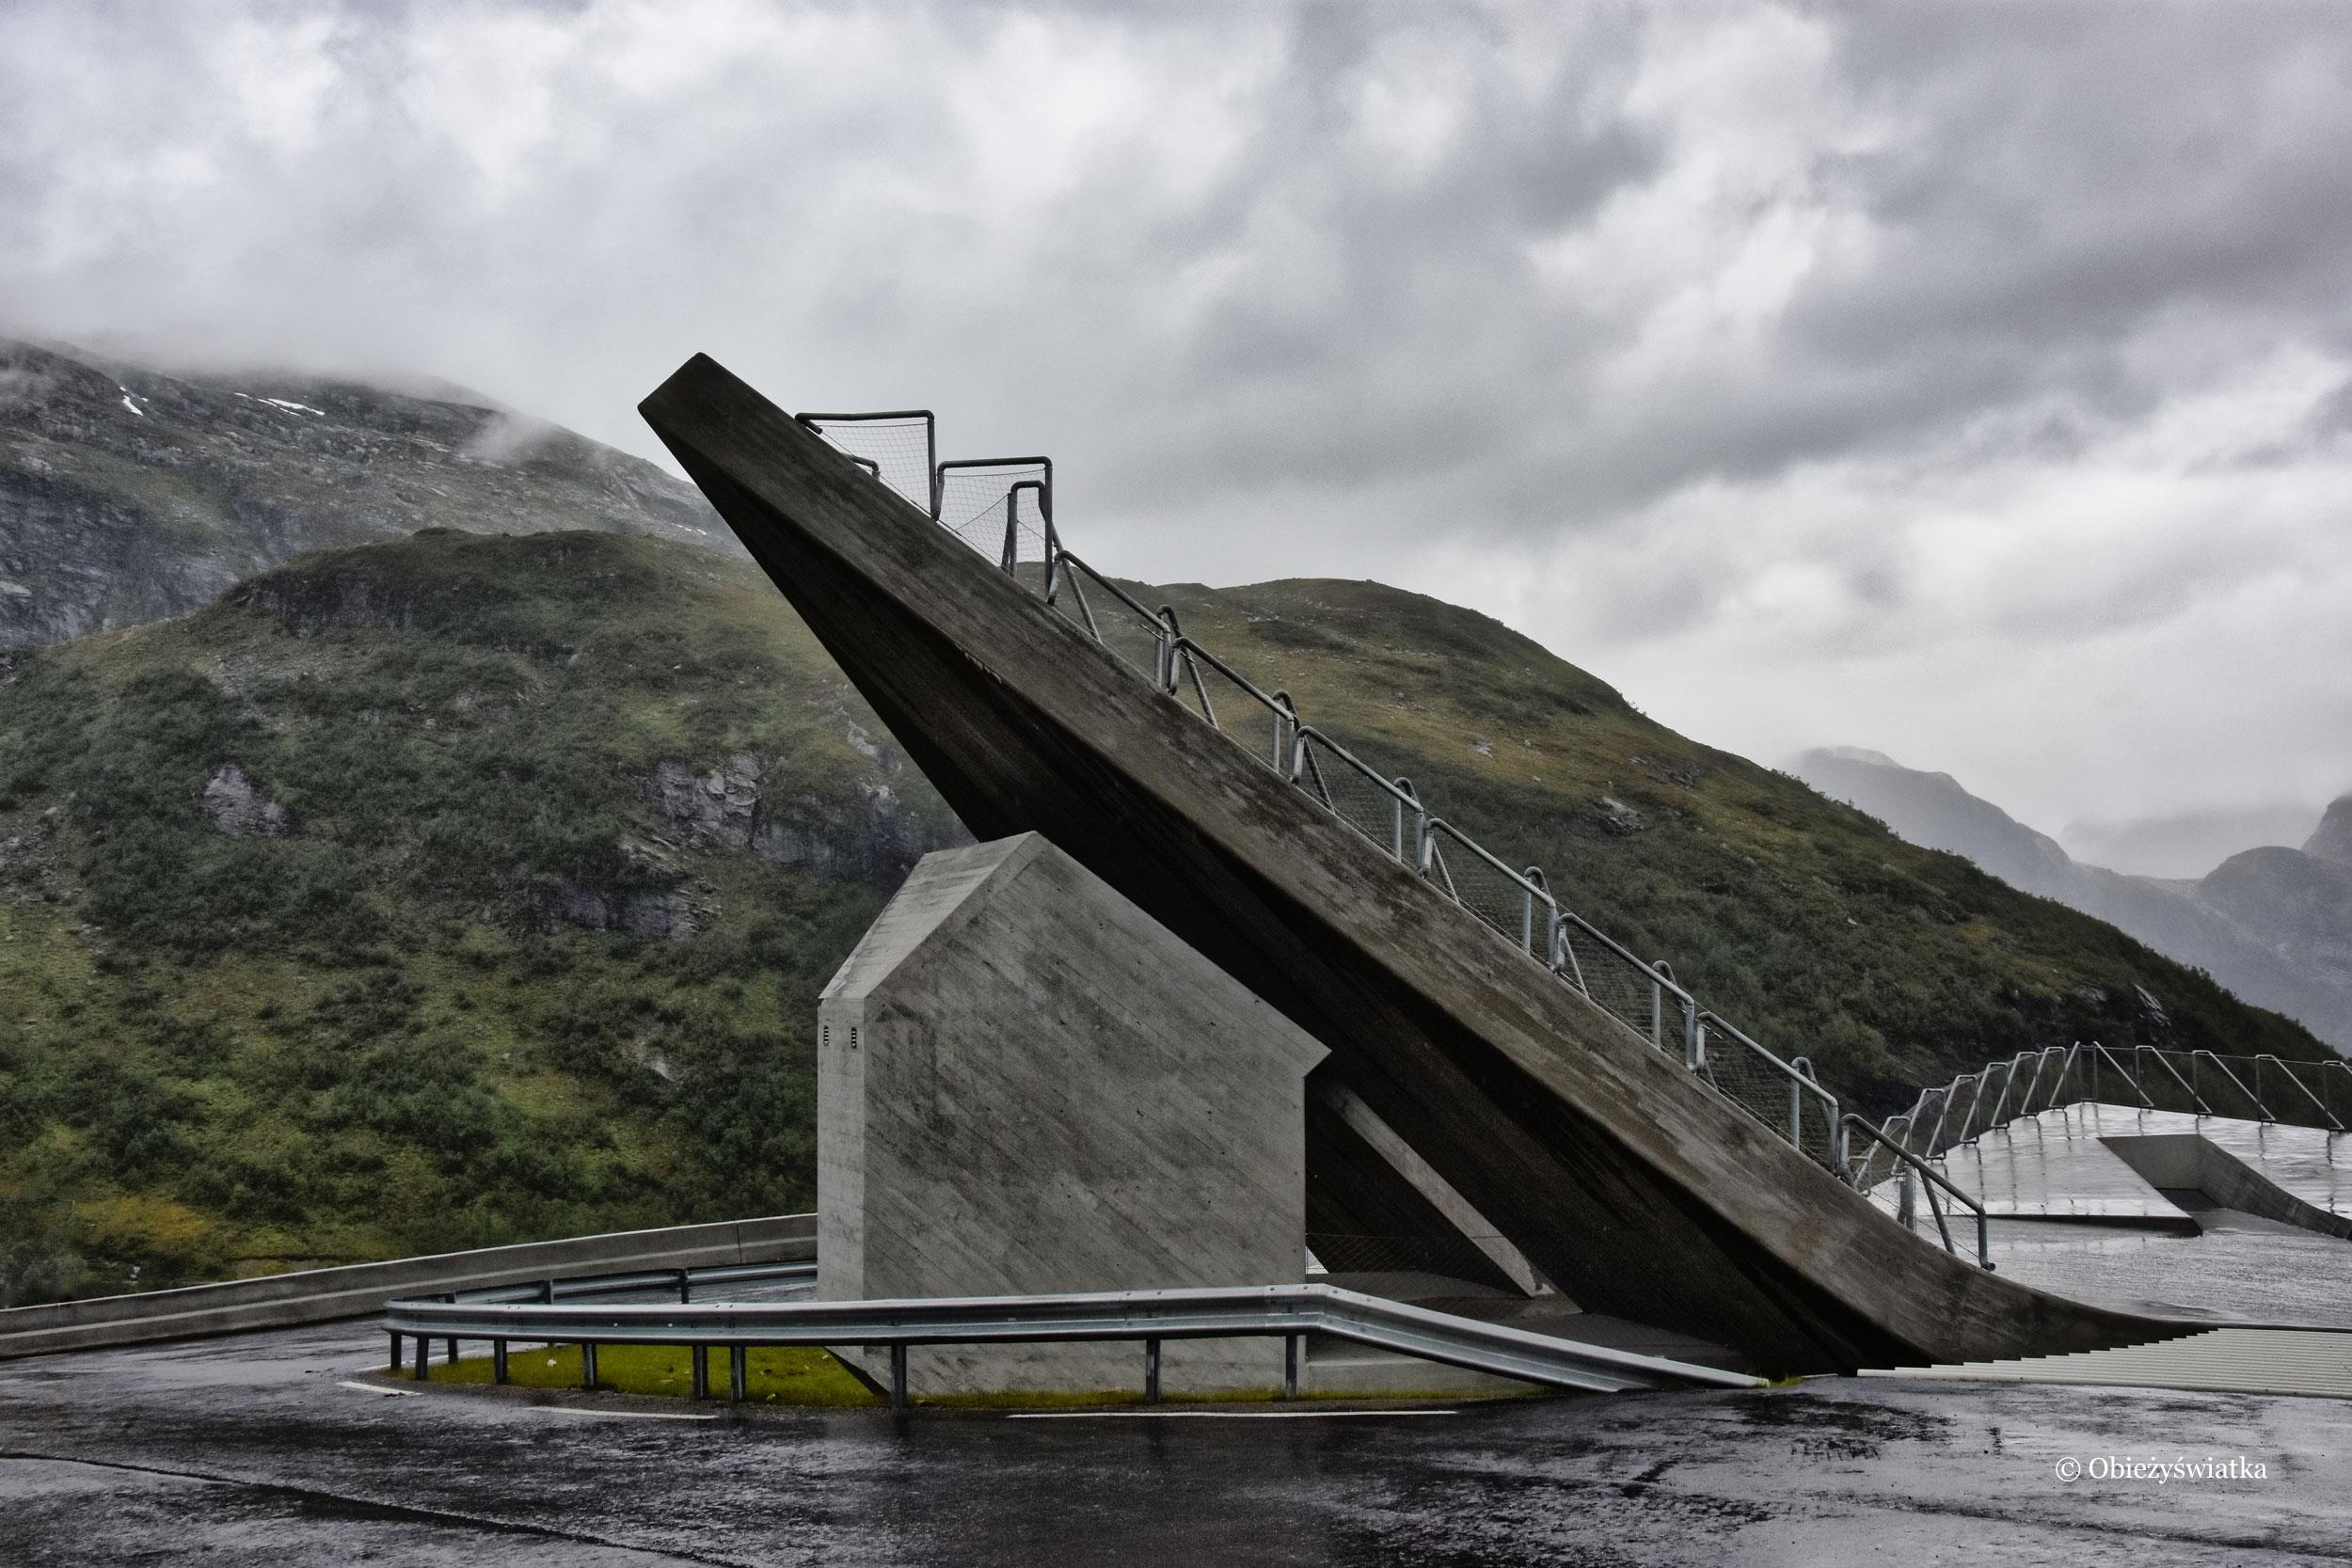 Jedna z platform punktu widokowego Utsikten, Norwegia